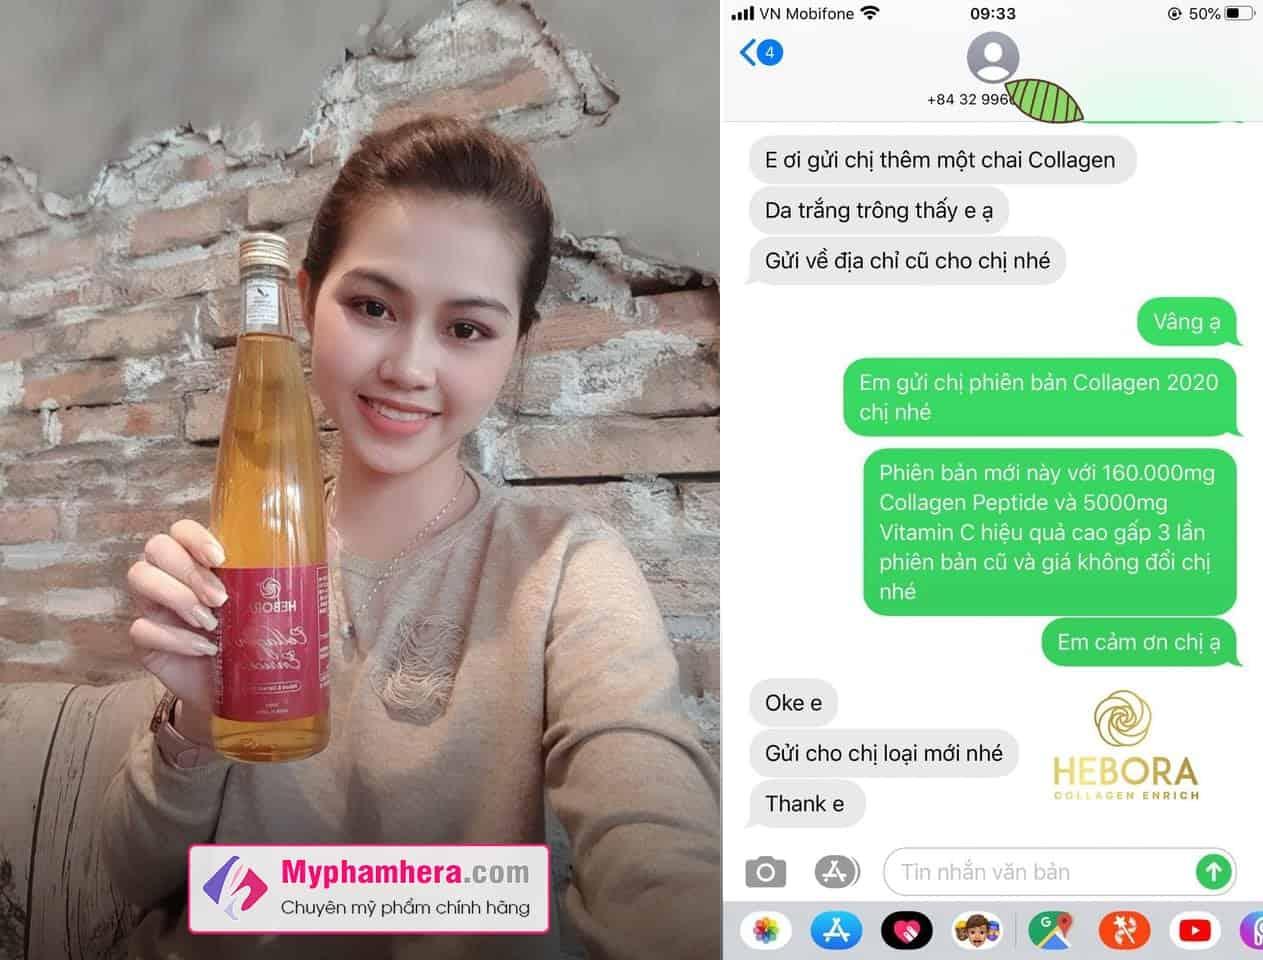 nước uống hebora collagen enrich có tốt không myphamhera.com